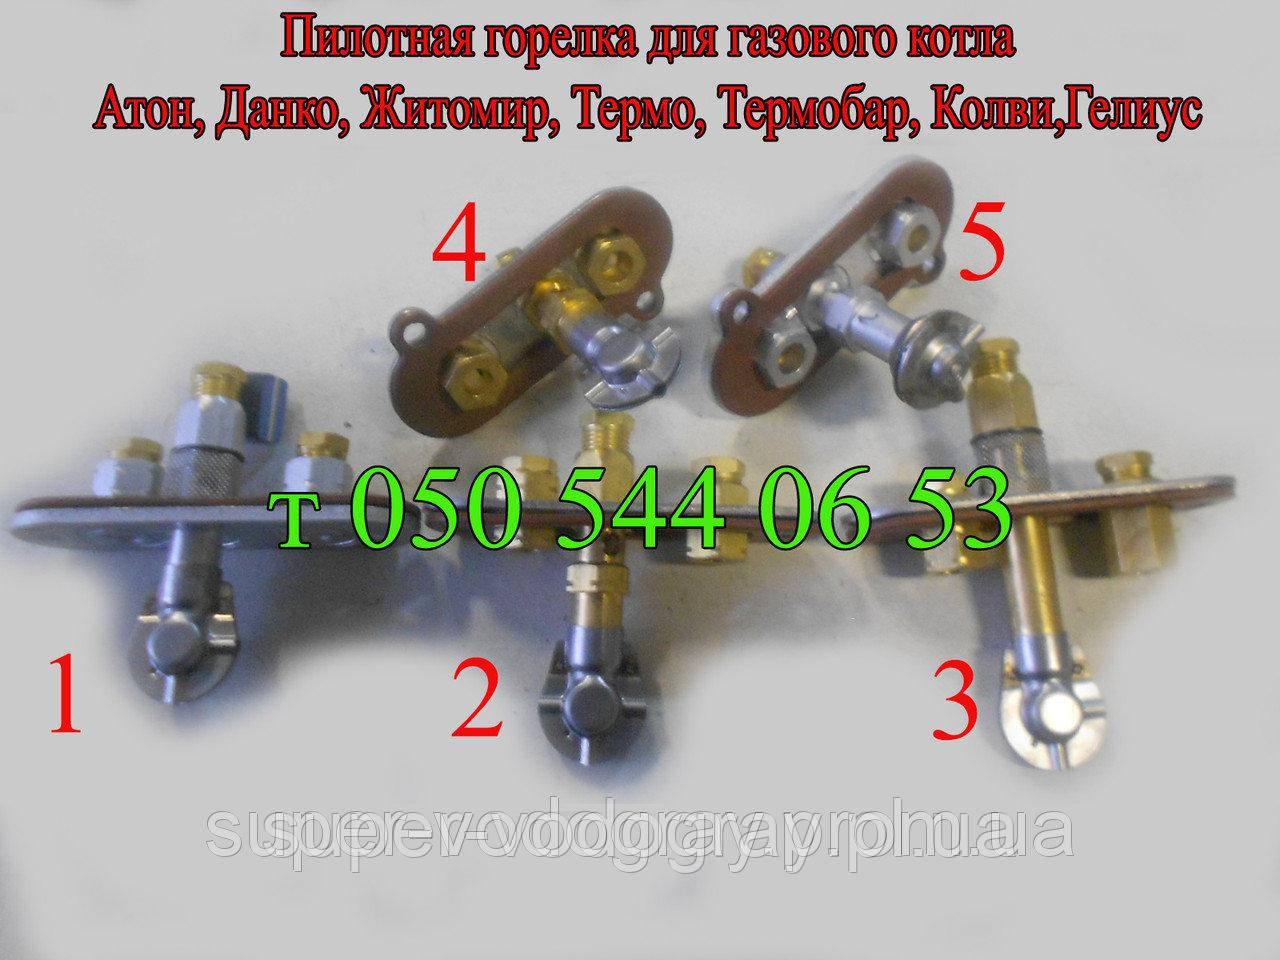 Пілотний пальник для газового котла Атон, Данко, Житомир, Термо